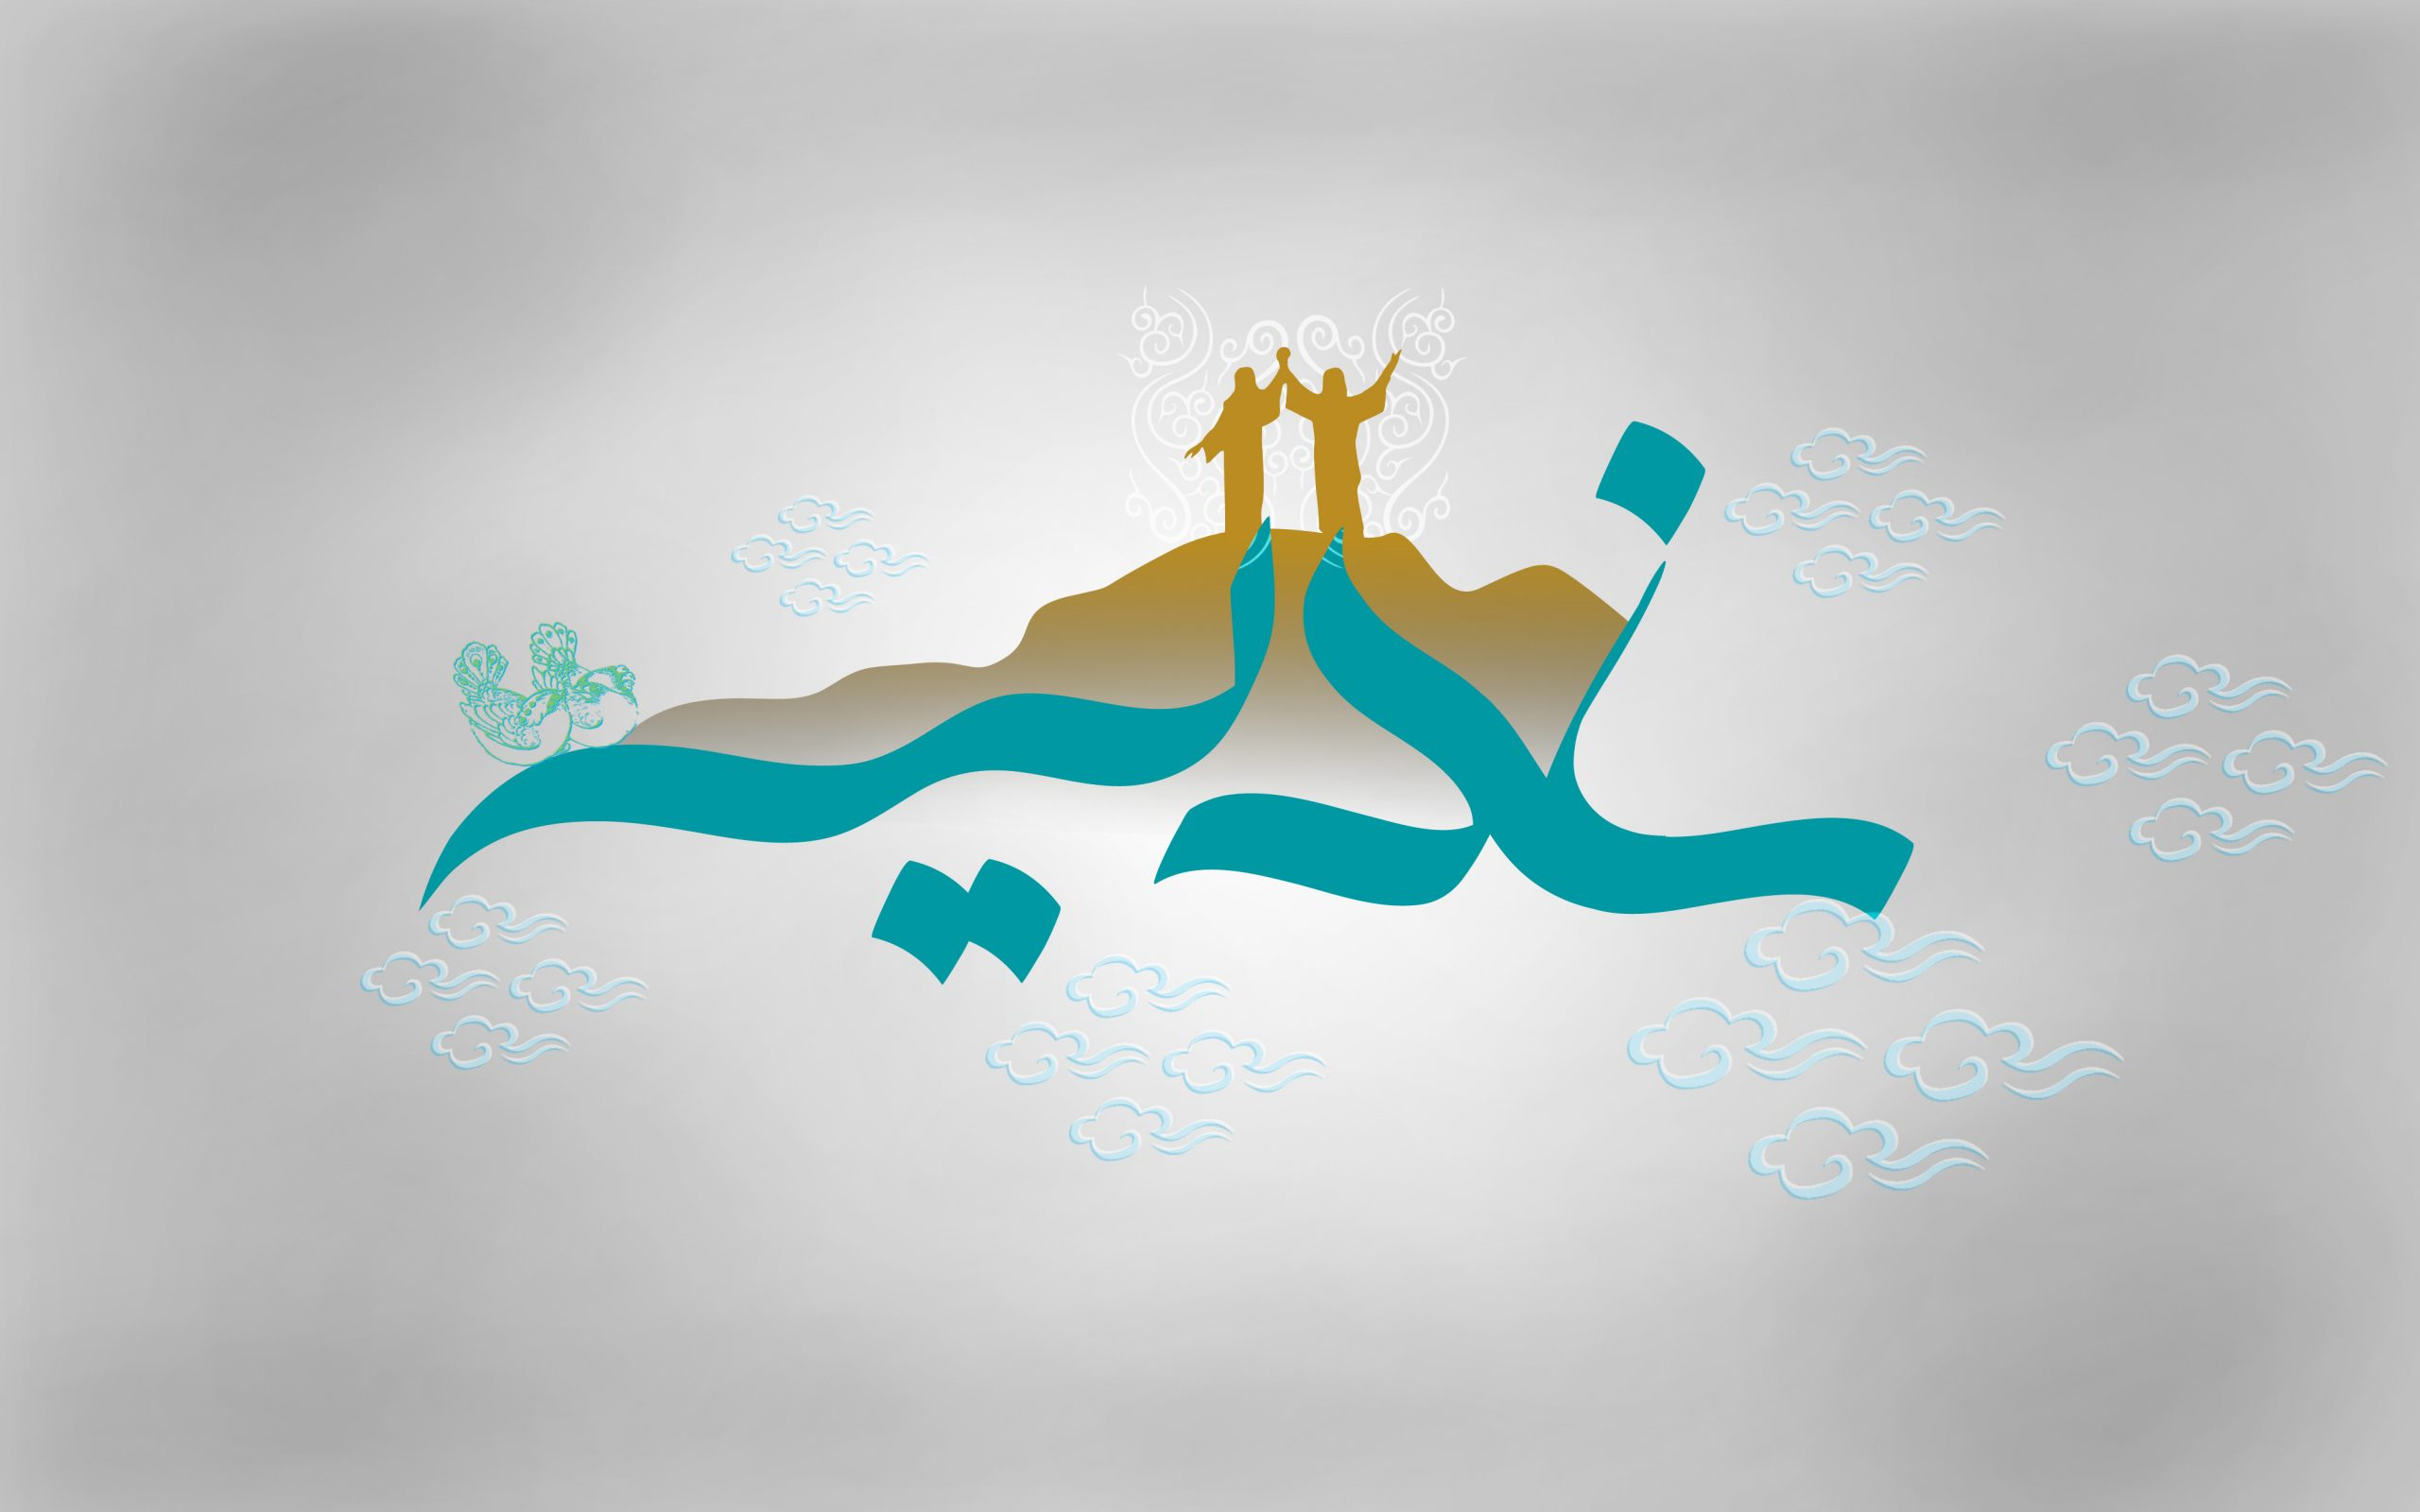 مسابقه بزرگ زیارت غدیریه به صورت مجازی برگزار میشود